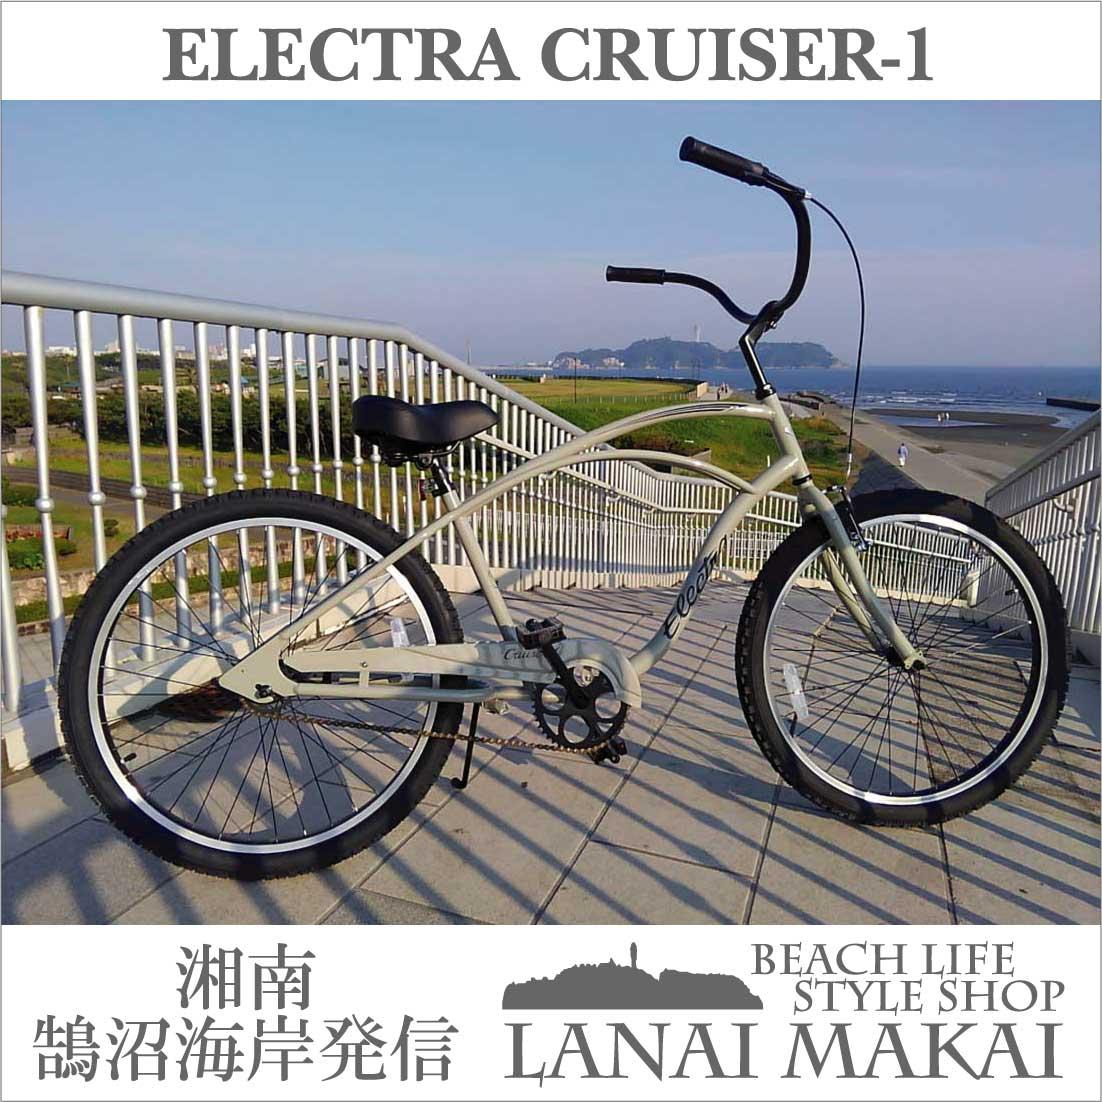 """【MODEL】エレクトラ """"ELECTRA CRUISER-1 PUTTY""""""""湘南鵠沼海岸発信""""《ELECTRA CRUISER-1 PUTTY""""》ビーチクルーザー 26インチ 自転車 メンズ レディース"""